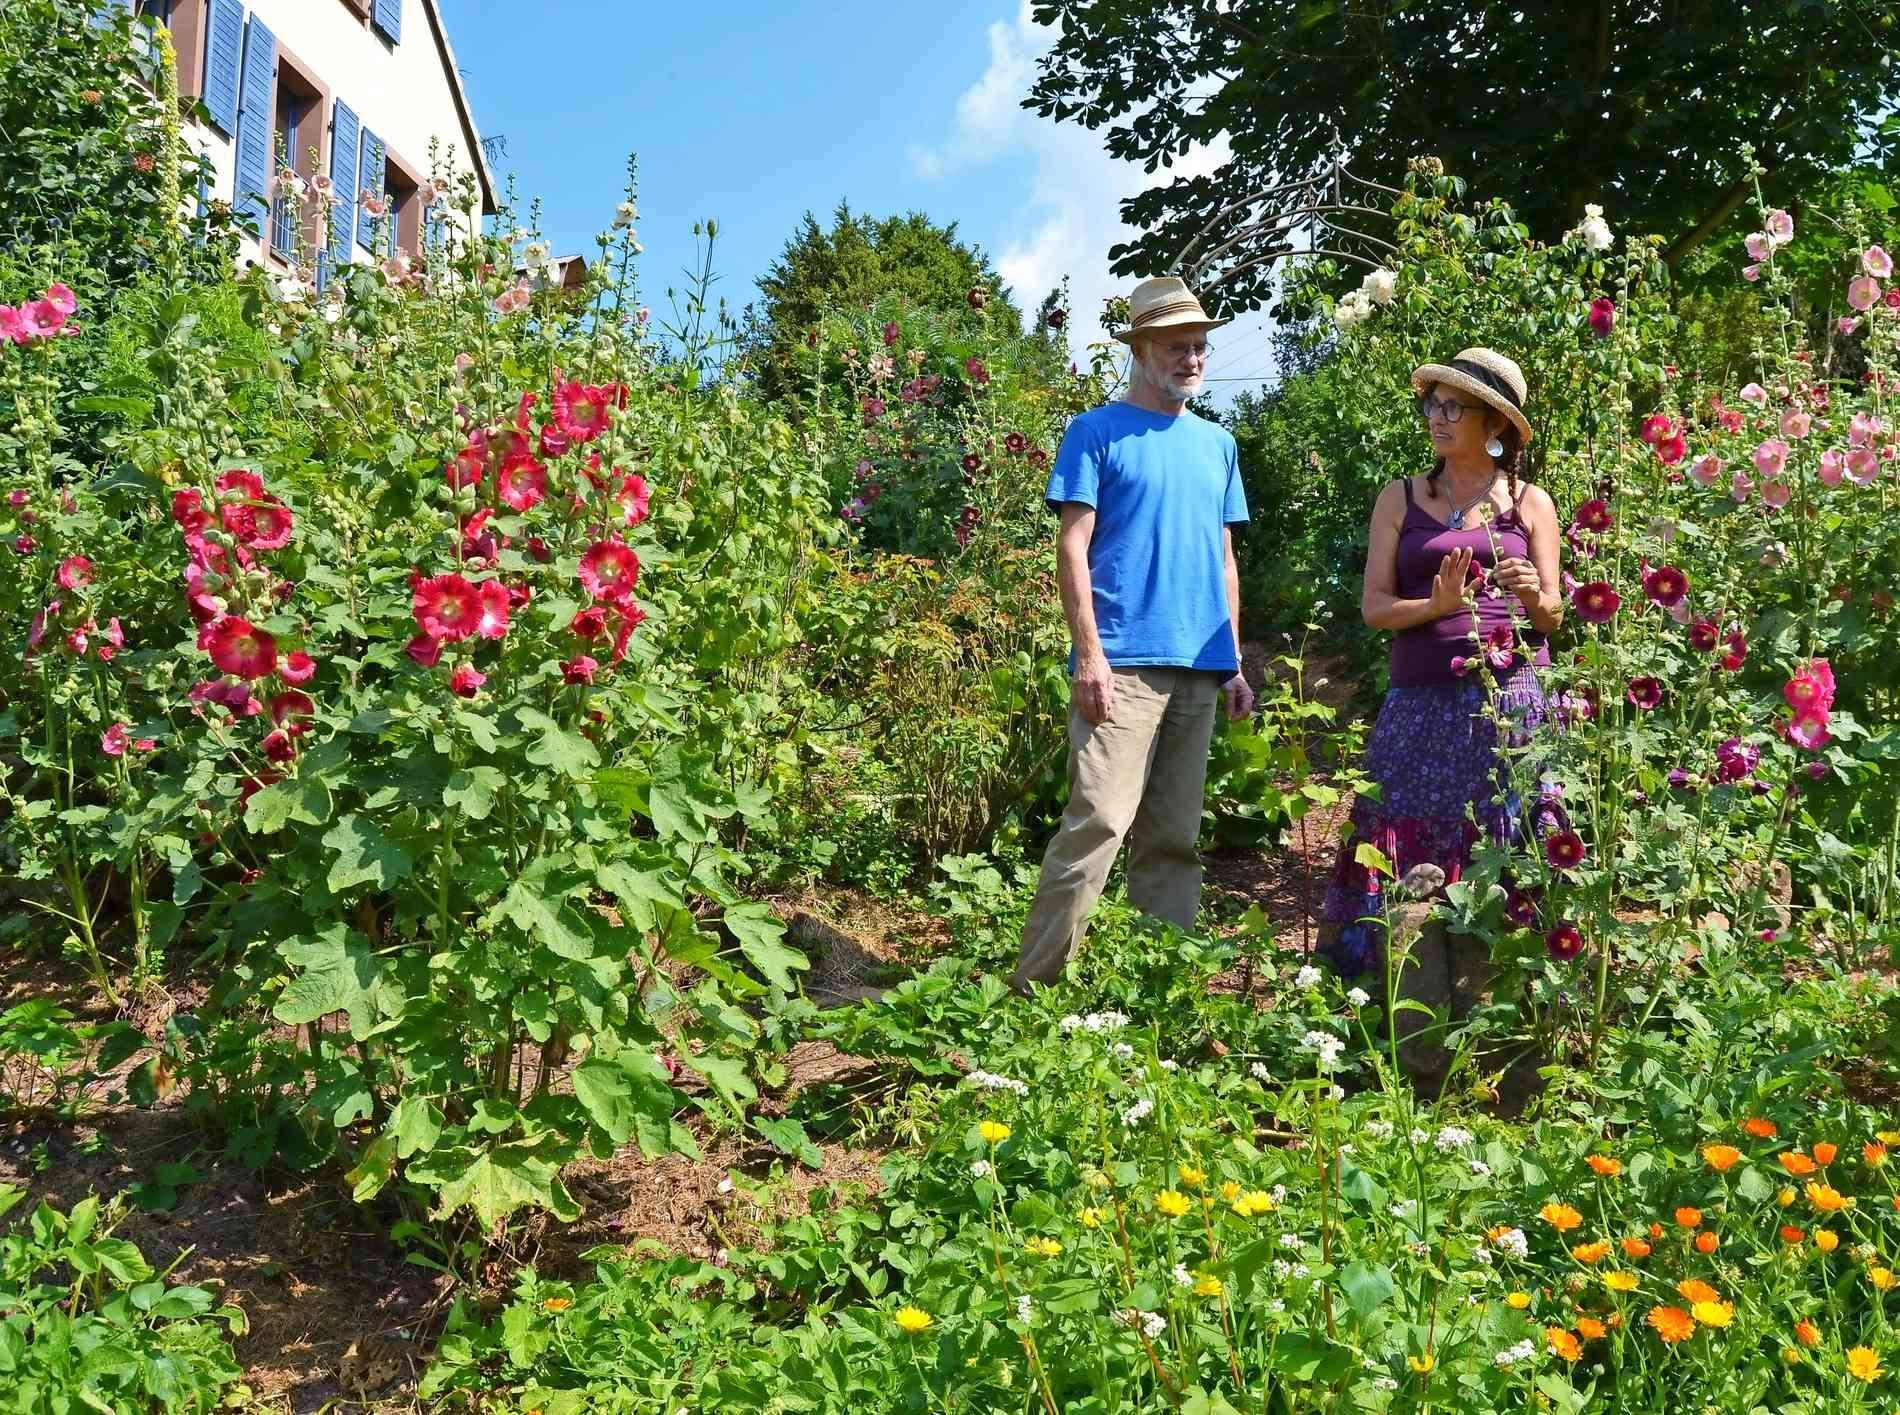 Mein Schöner Garten forum Inspirierend Mein Schöner Garten sommerfreude Mit Stockrosen